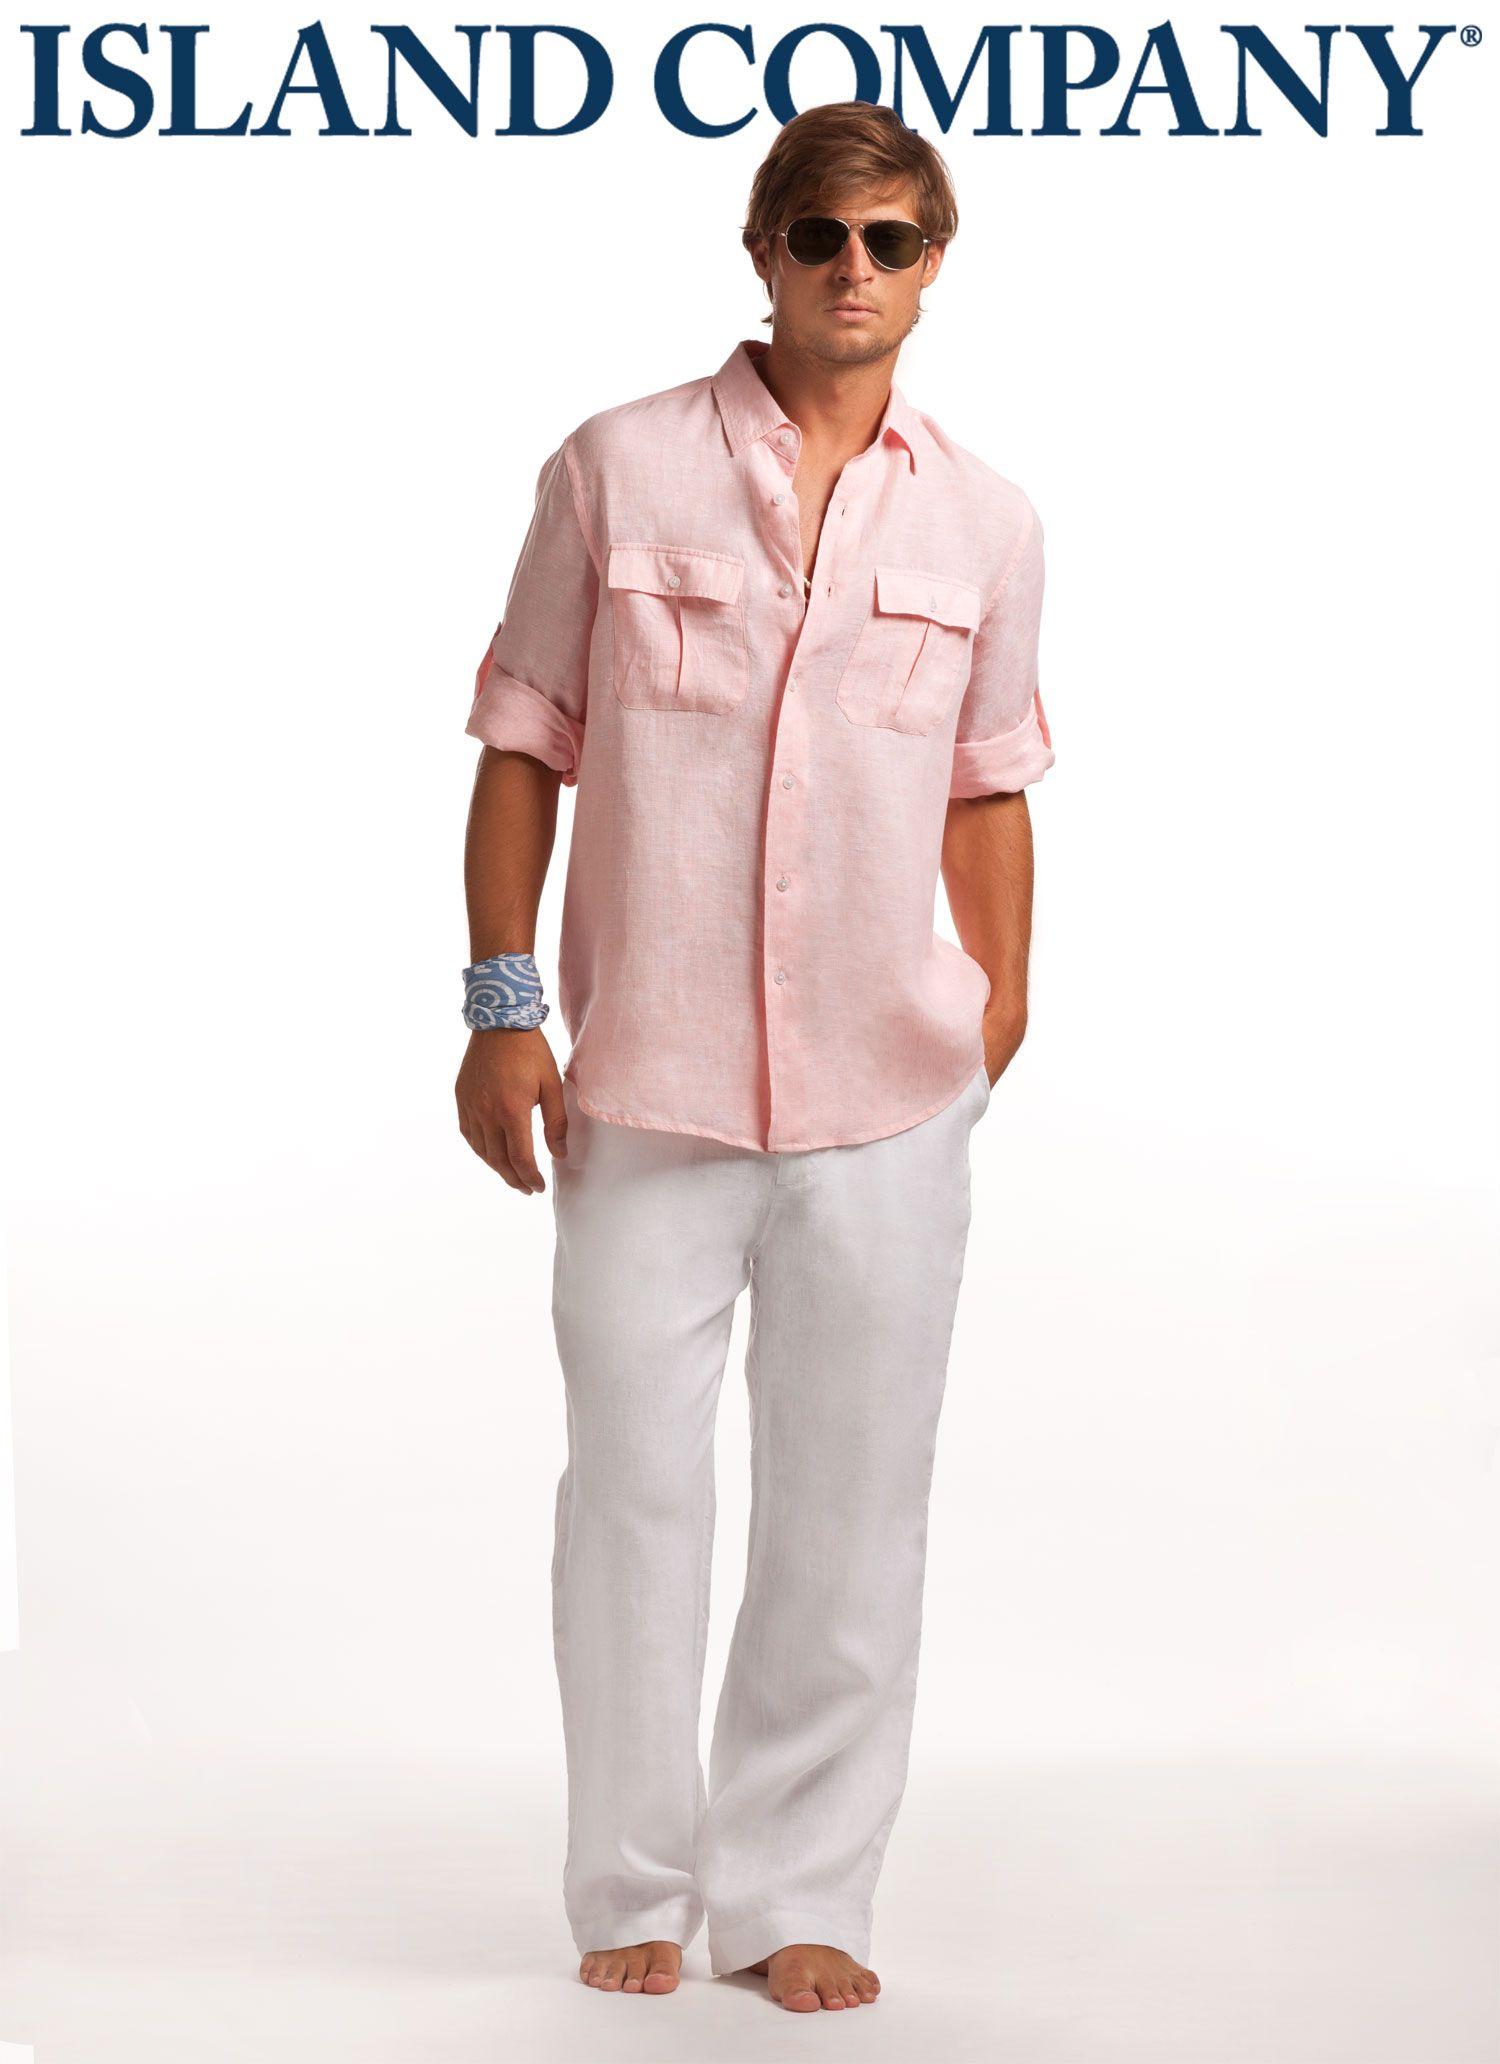 932dc4e22d6d men's pilot shirt and linen pants...don't forget the sunglasses ...